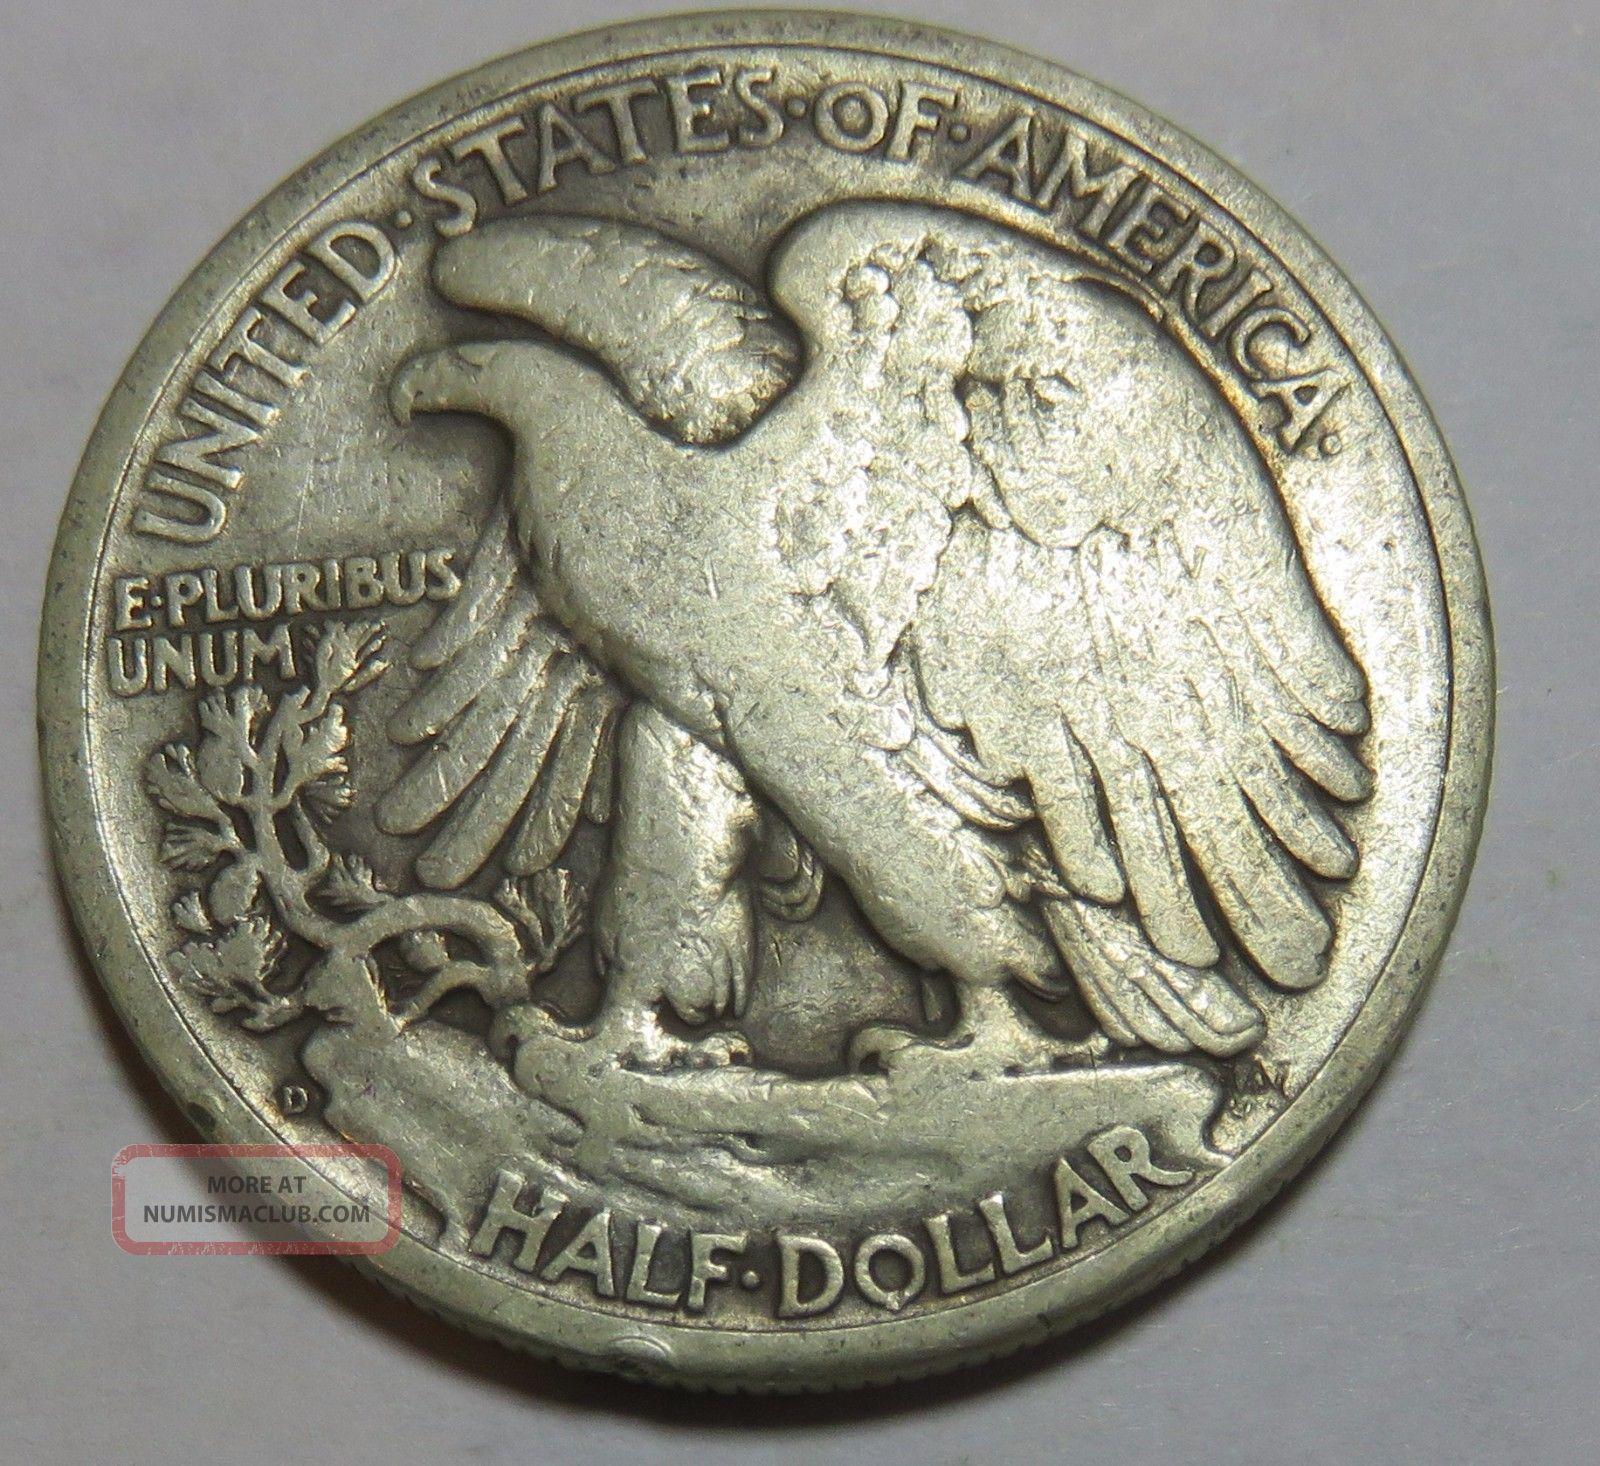 coin designer initials